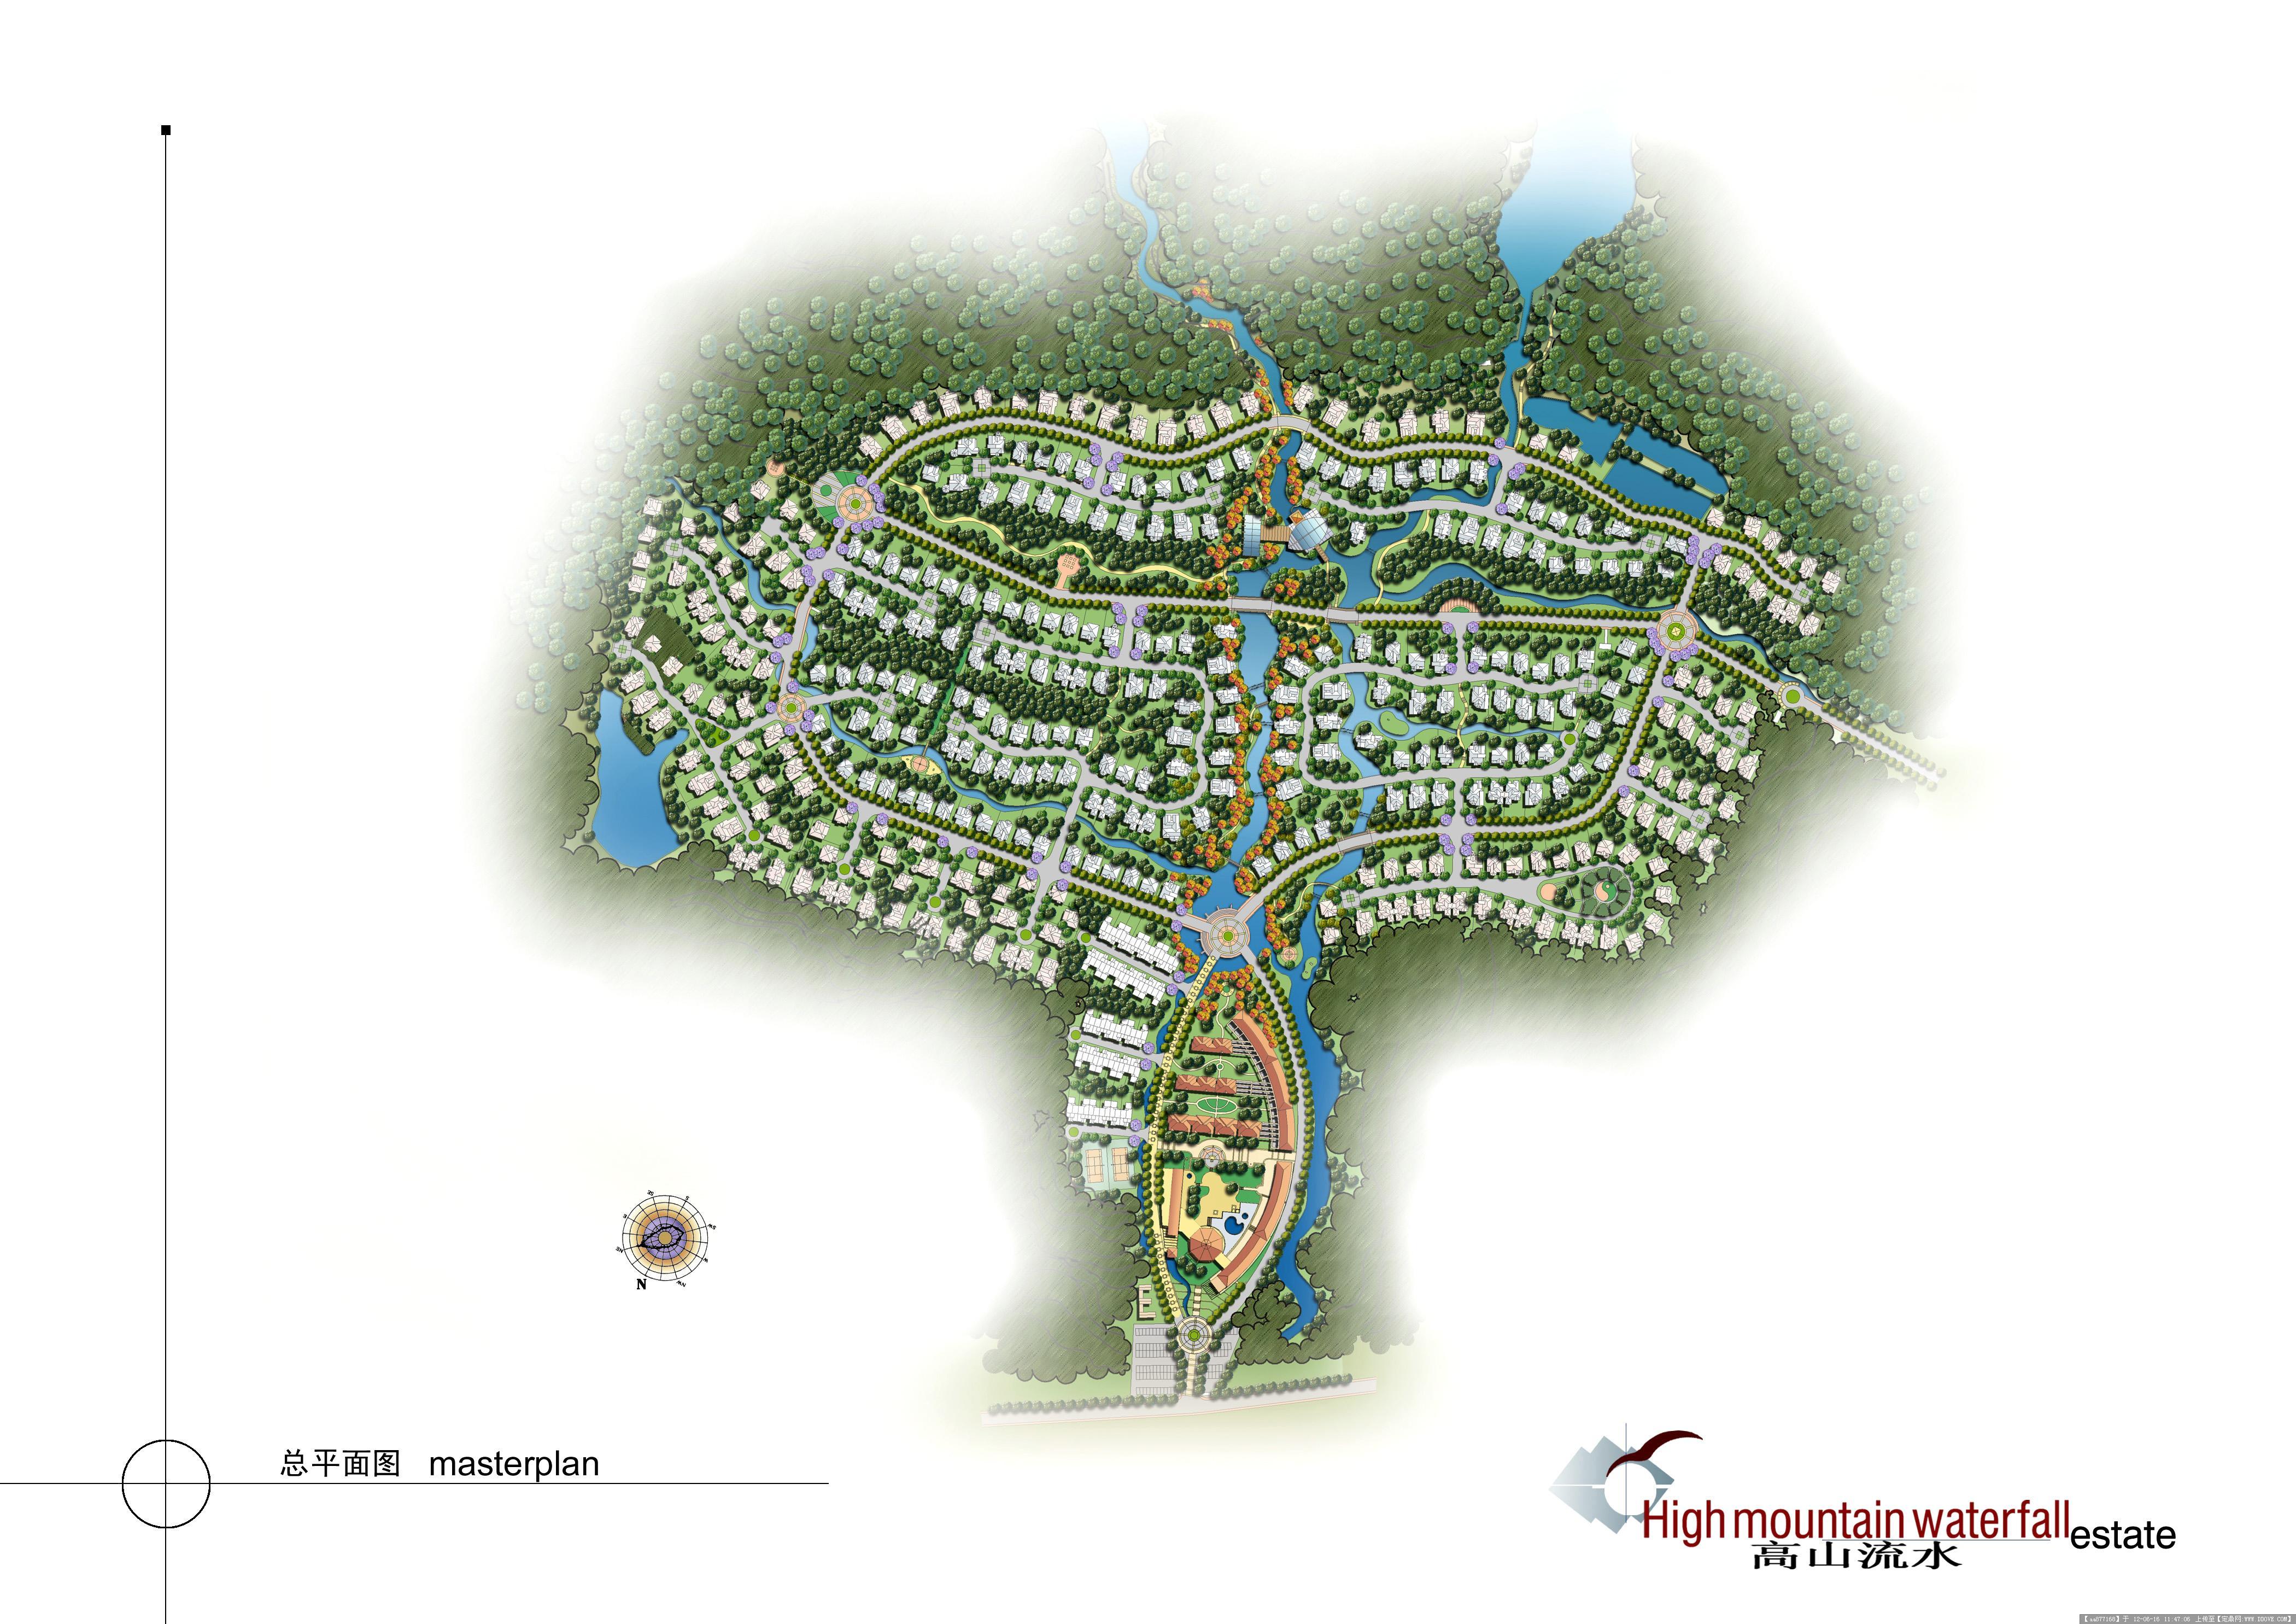 高清小区彩色平面图的图片浏览,园林效果图,居住区,_.